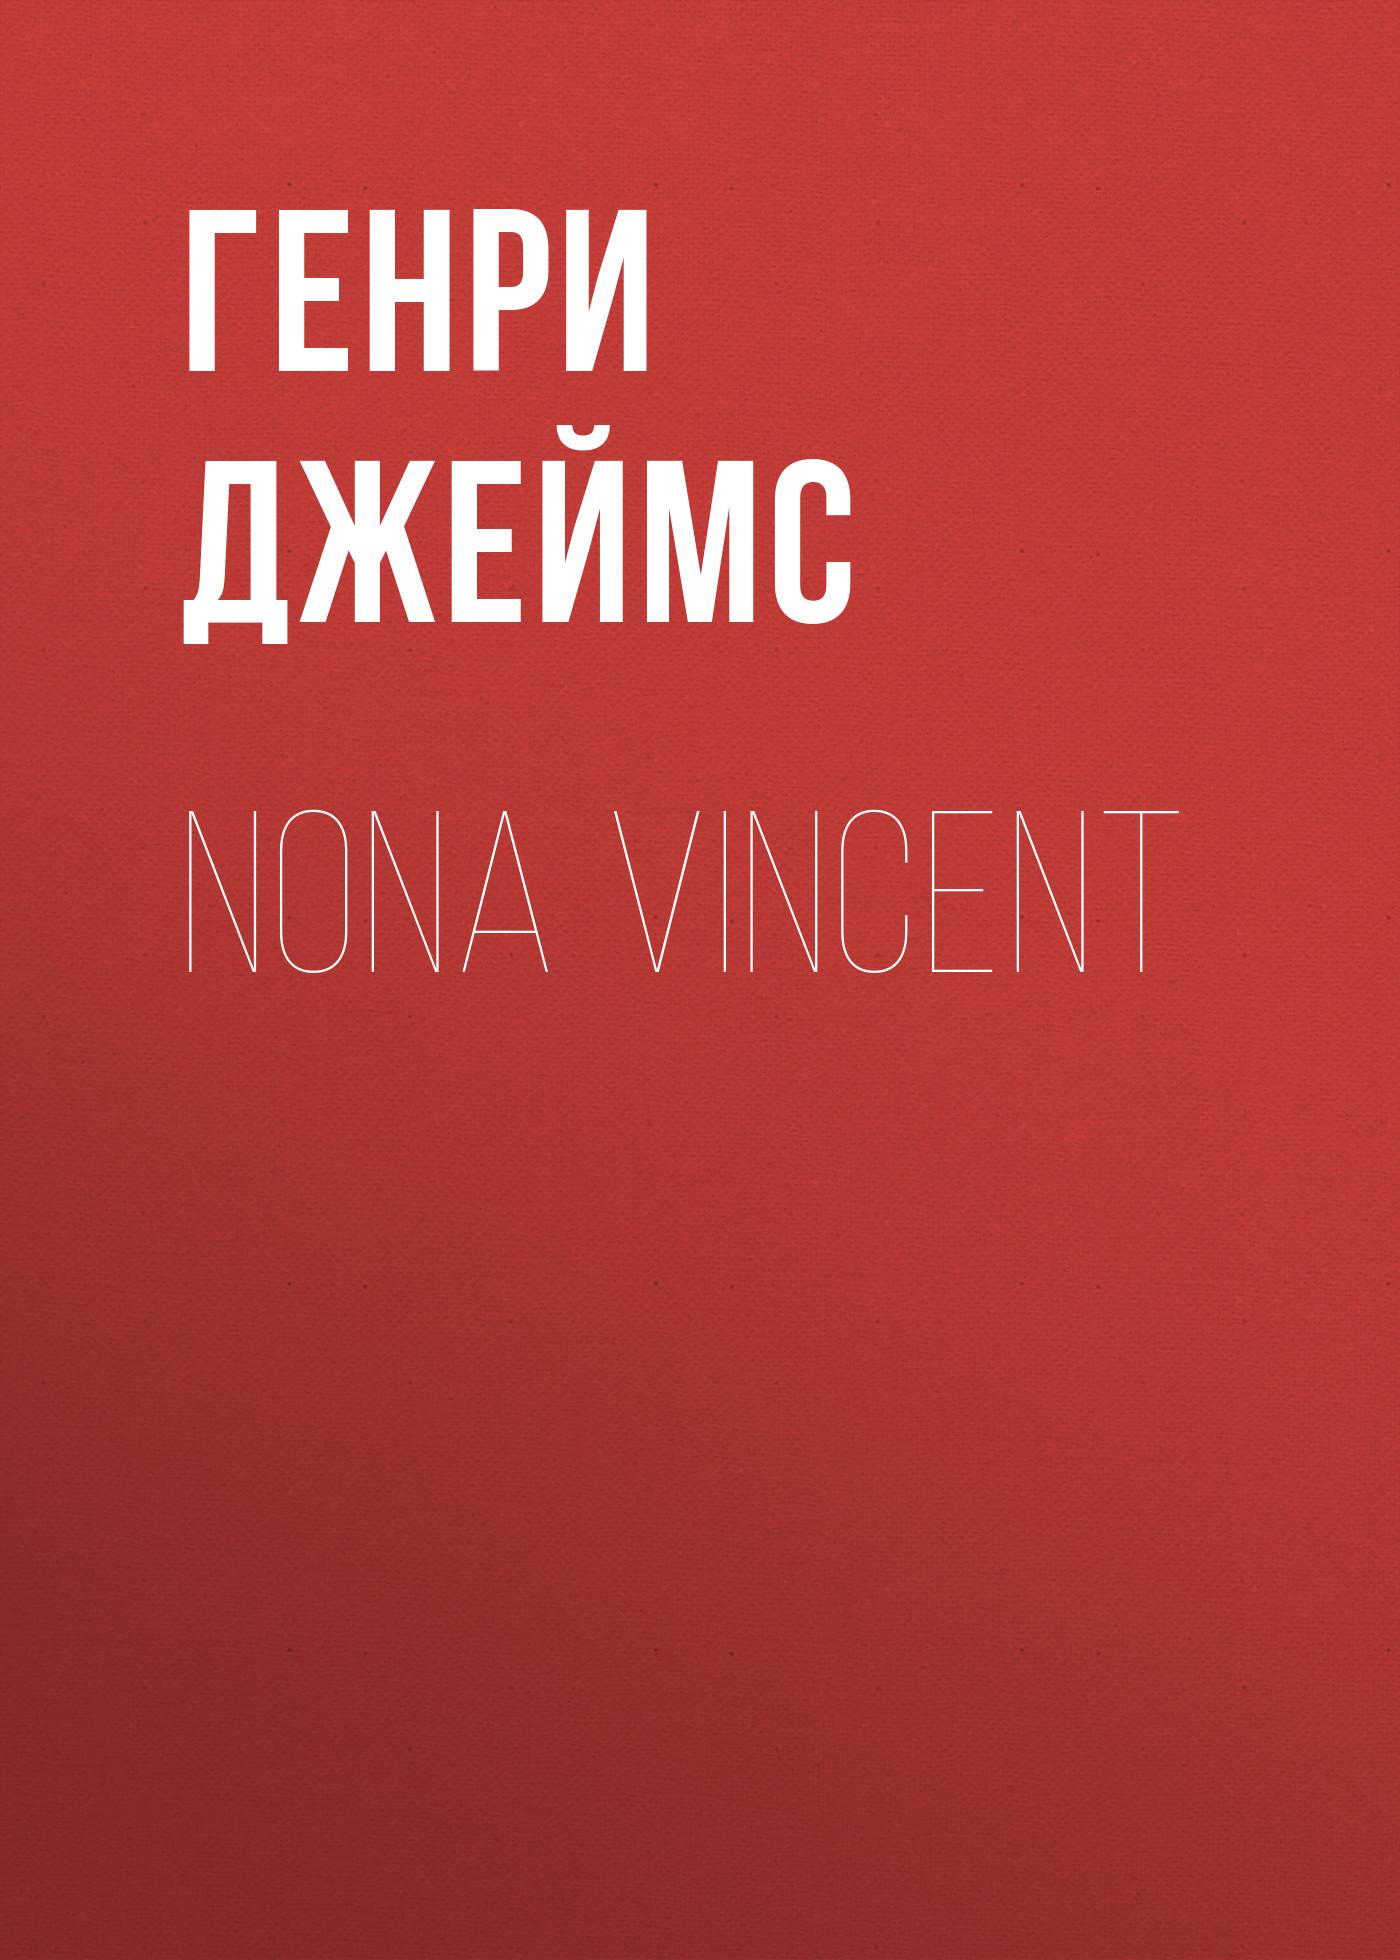 Генри Джеймс Nona Vincent недорго, оригинальная цена